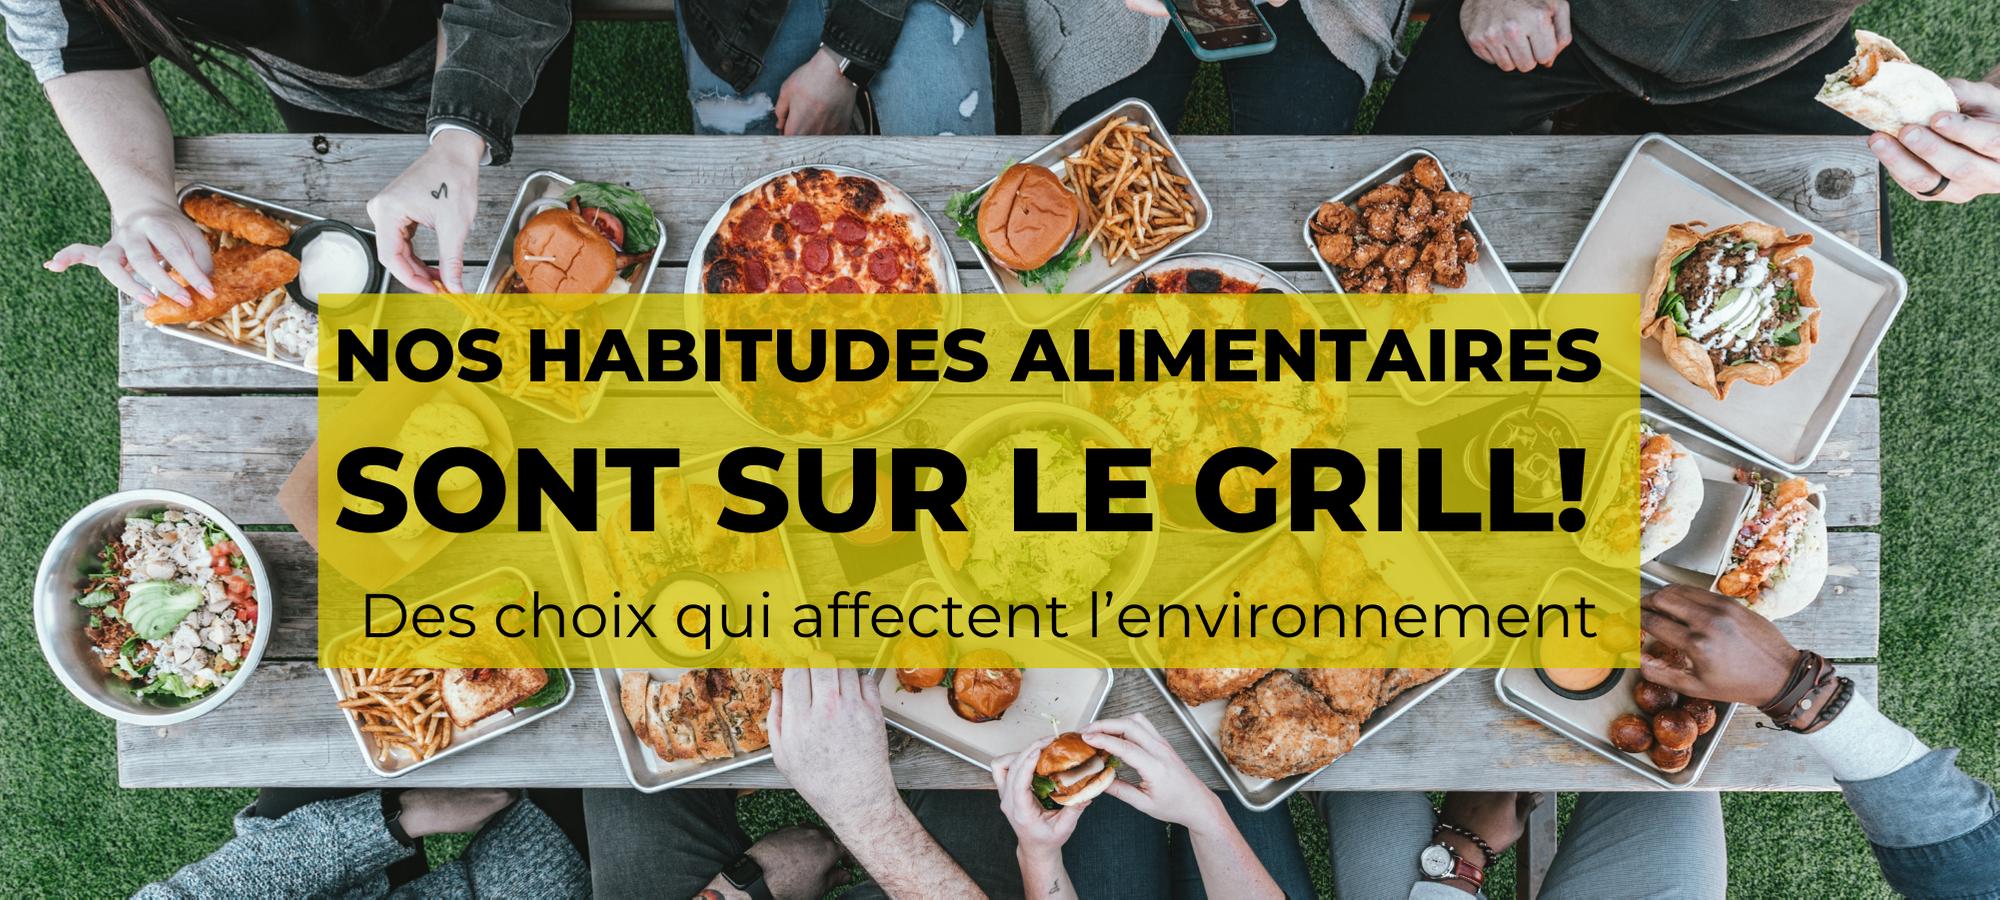 Conférence : Nos habitudes alimentaires sont sur le grill Des choix qui affectent l'environnement